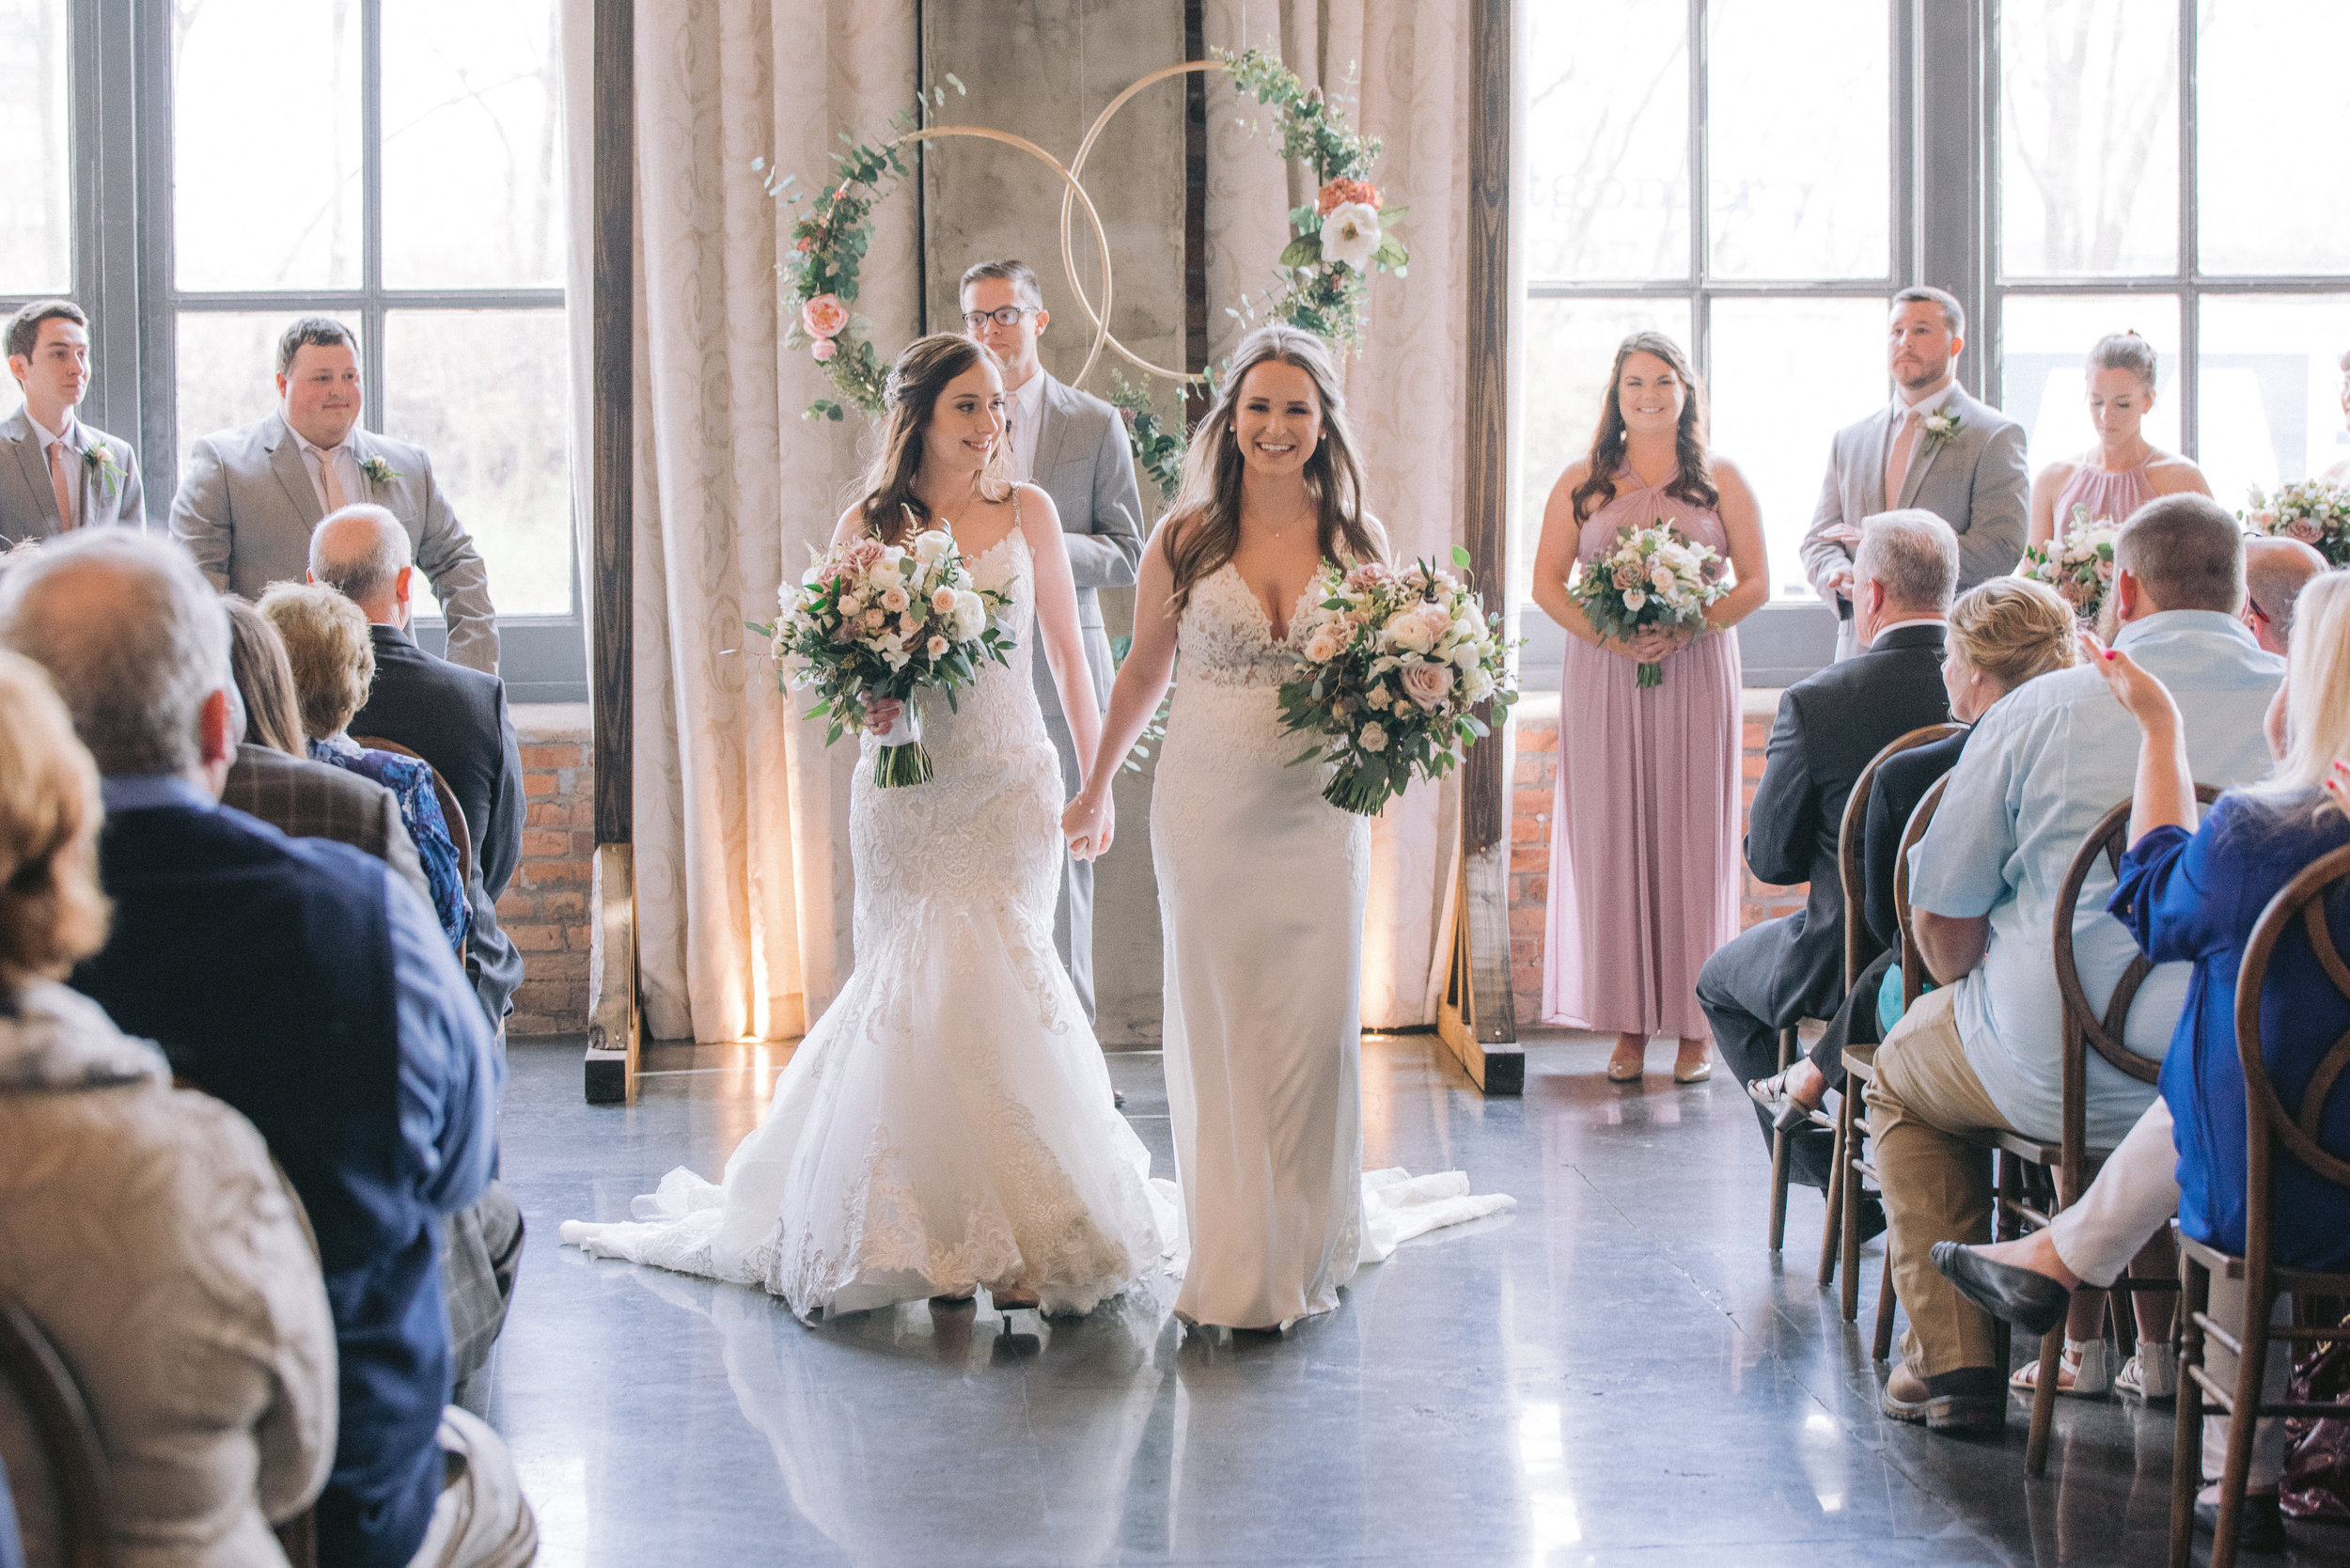 justmarried-daytonwedding